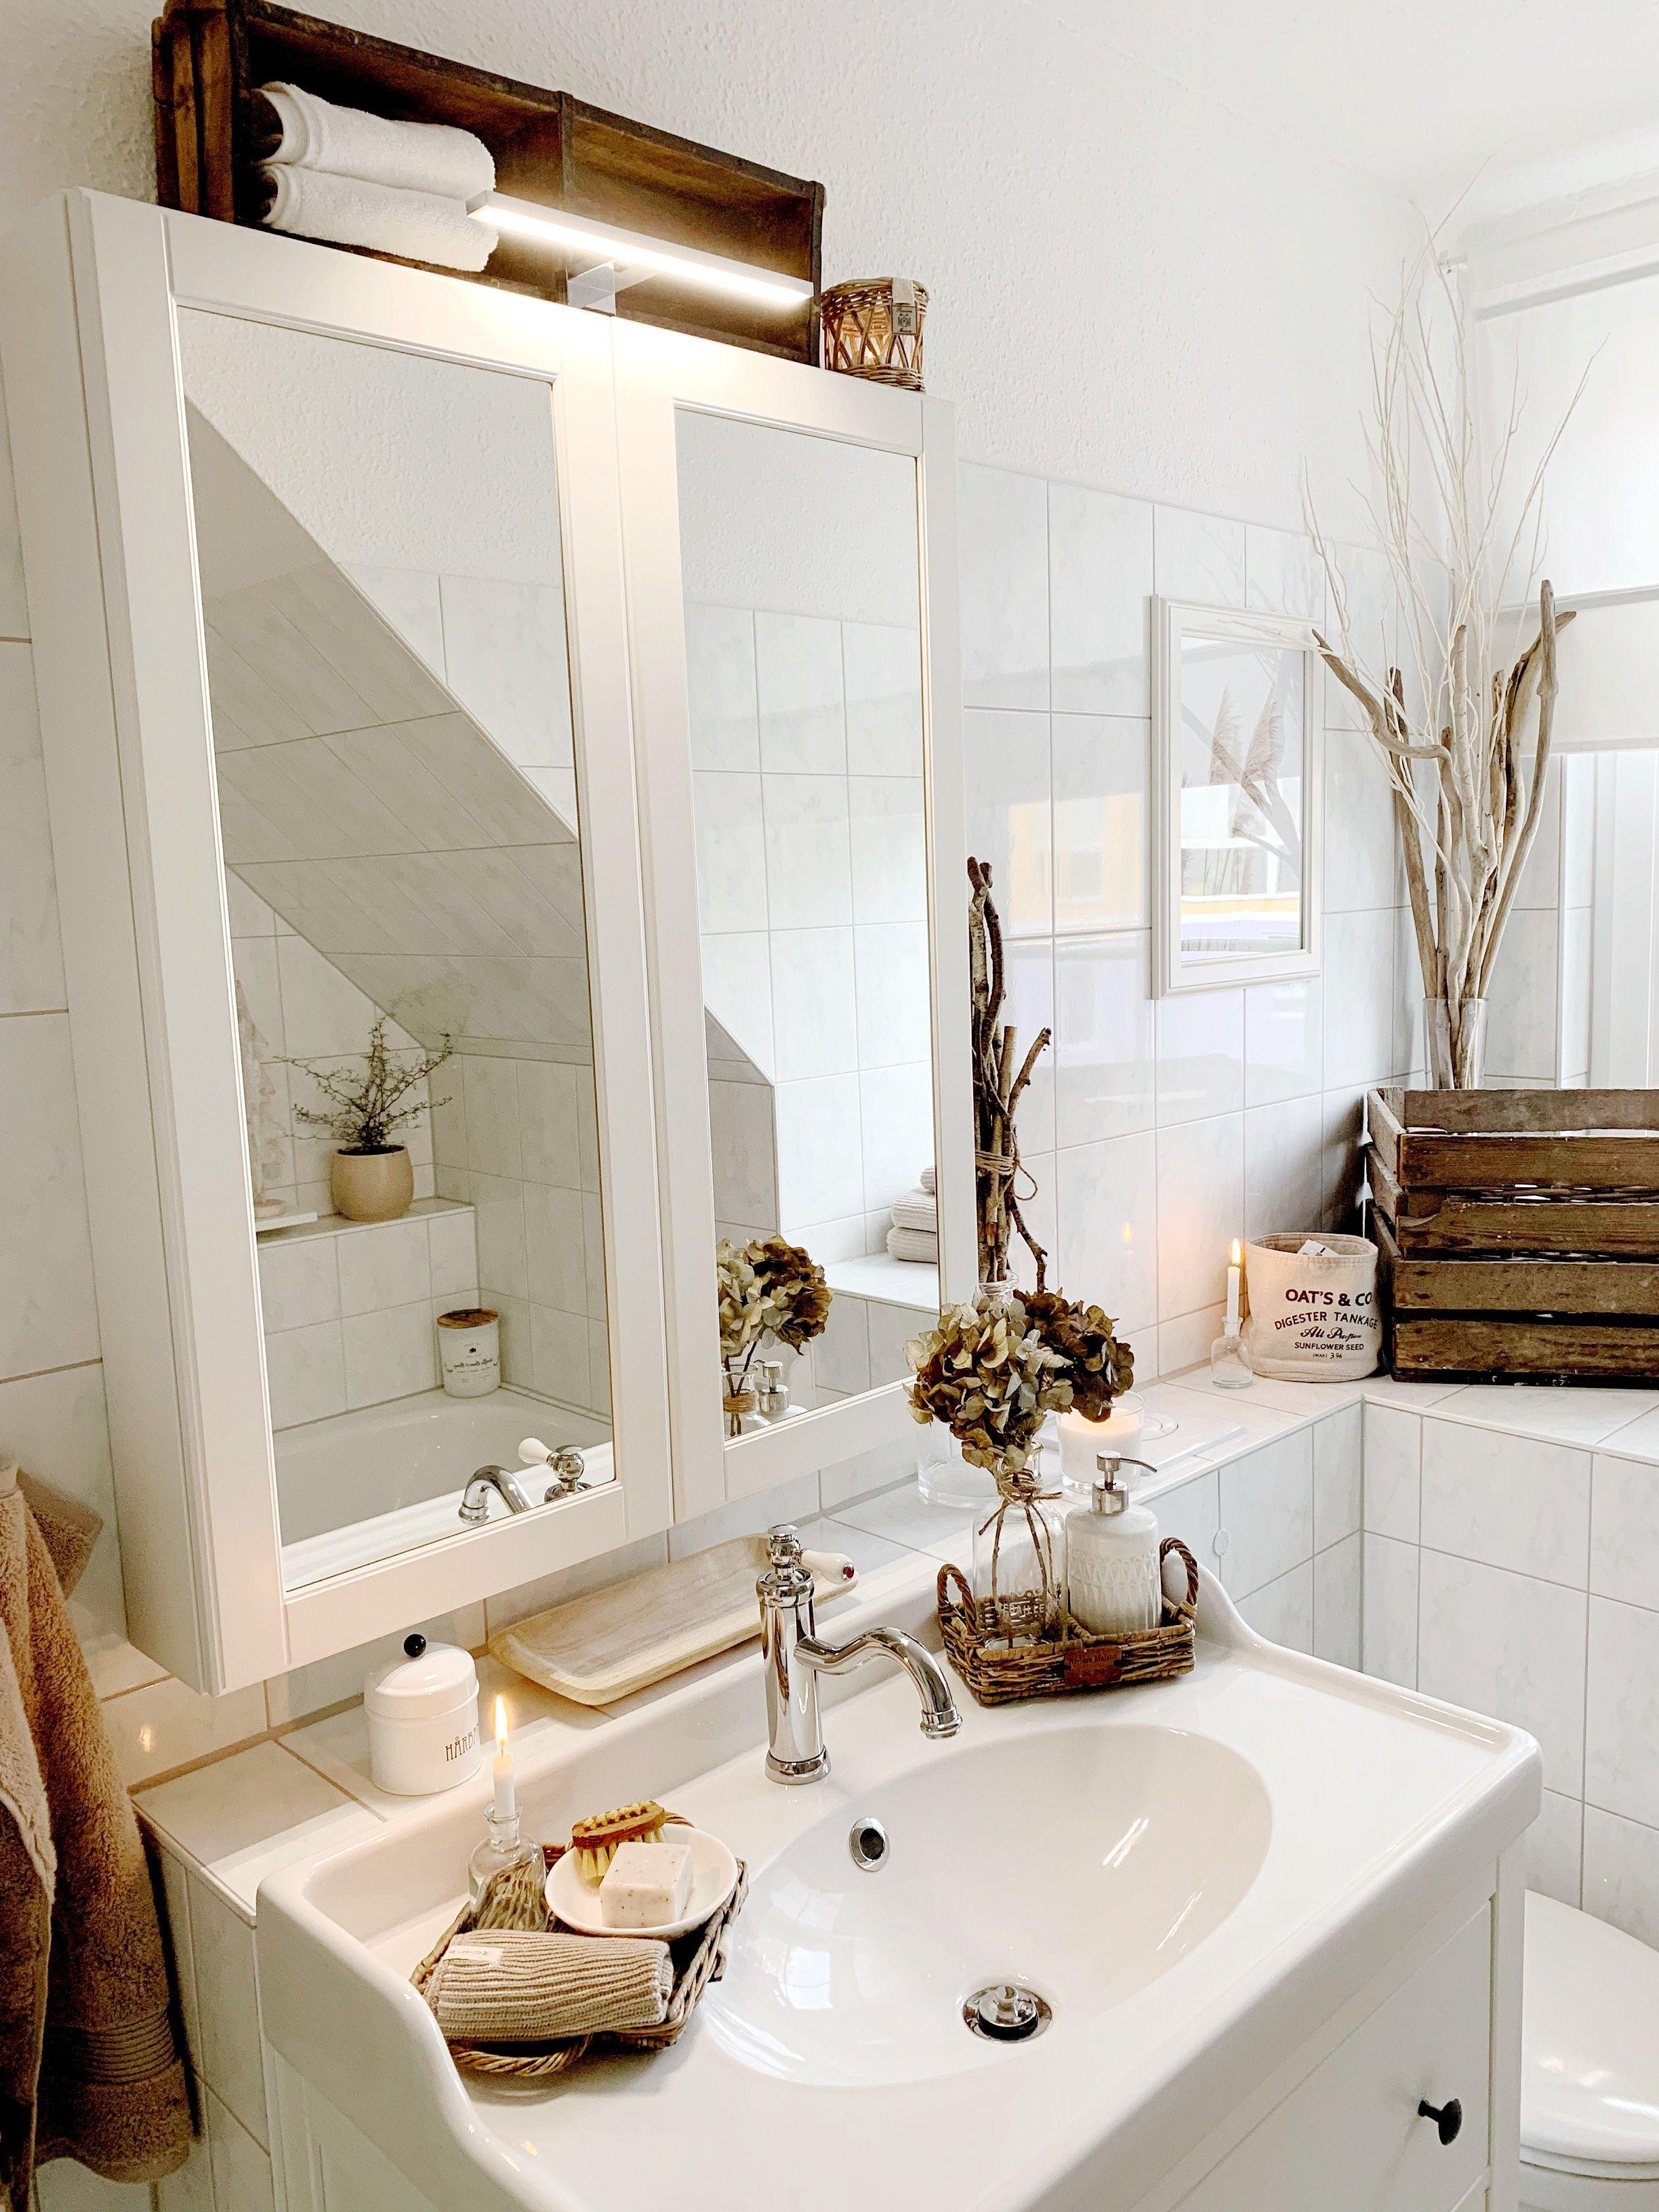 Unsere Spiegelbeleuchtung Bringt Licht In Die Dunklen Morgenstunden Fur Einen Guten Start In Den Tag Bklicht Badezimme Mit Bildern Aufbauleuchte Licht Schminklicht